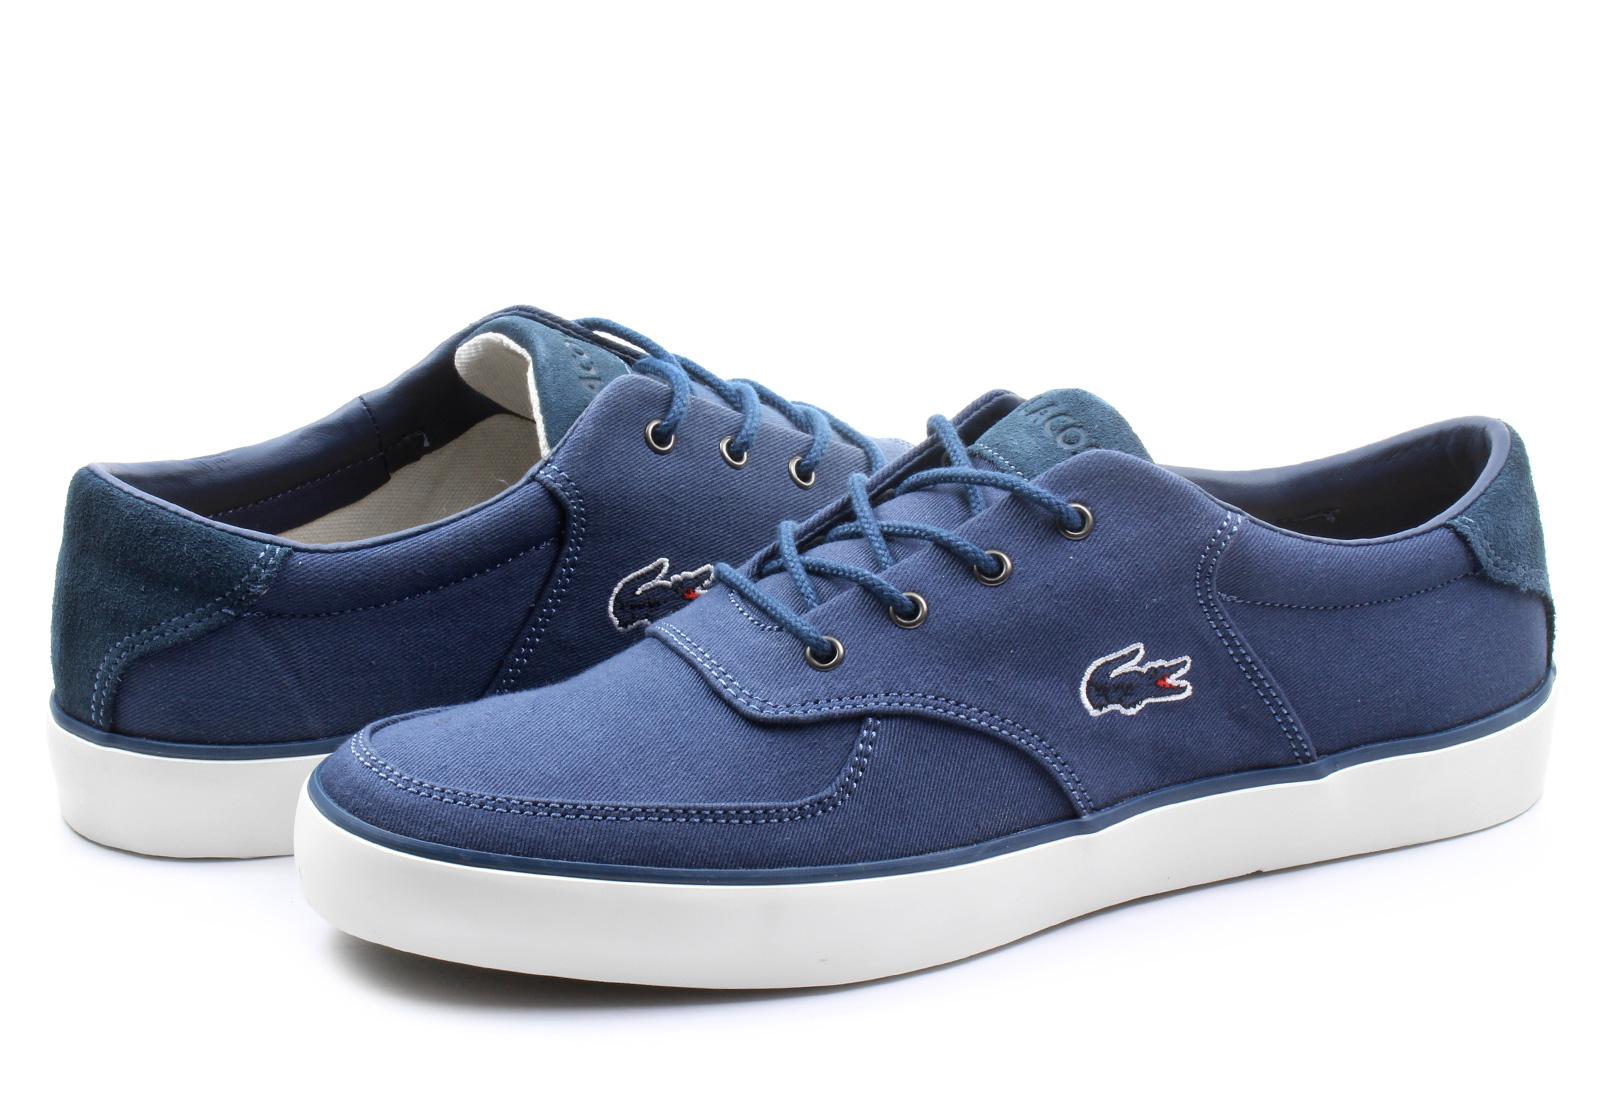 Lacoste Sport Shoes Women